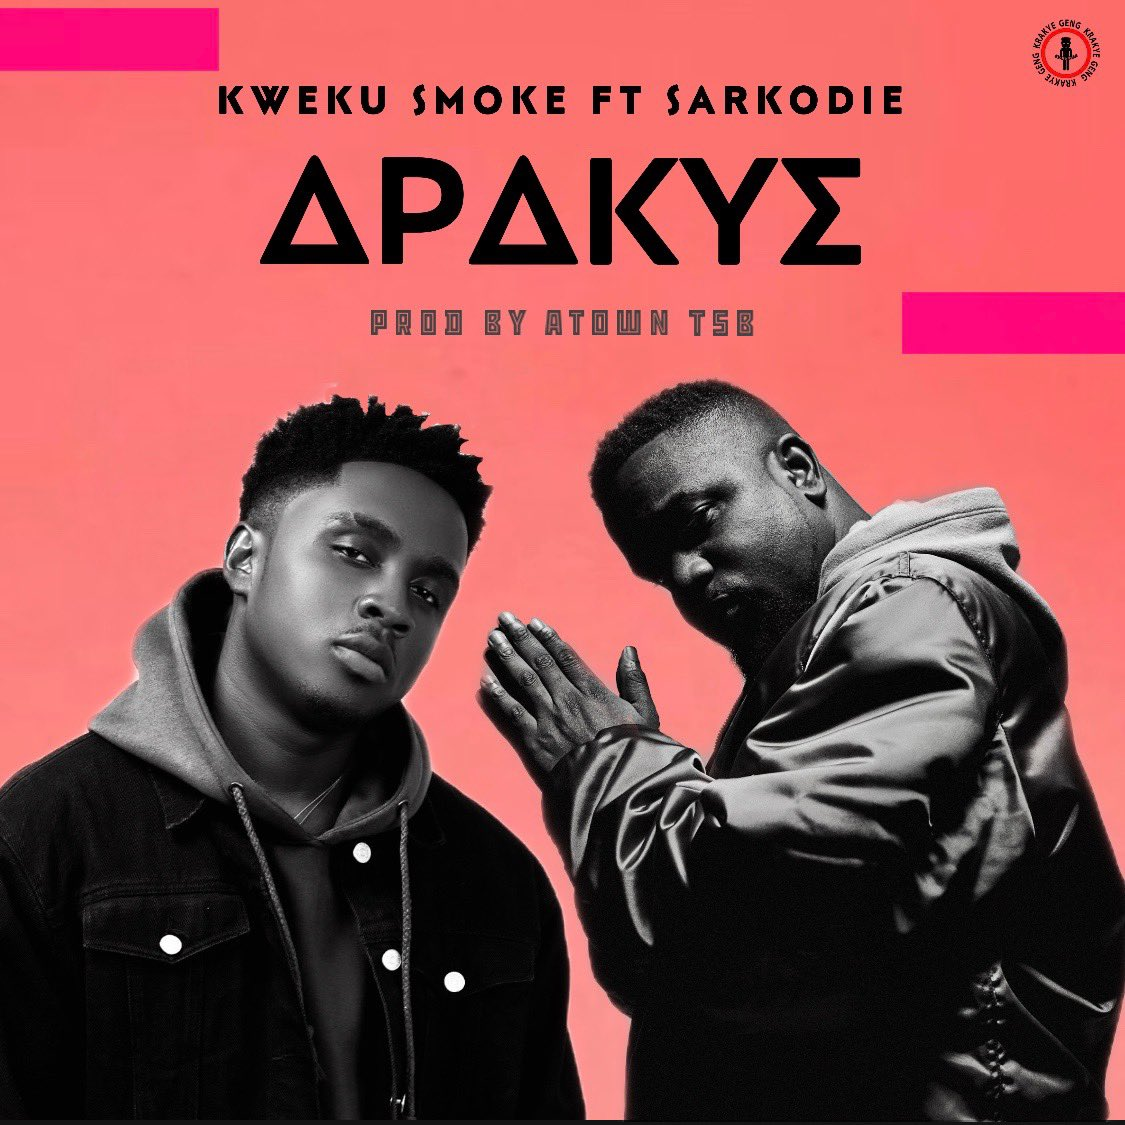 Kweku Smoke - Apakye ft Sarkodie